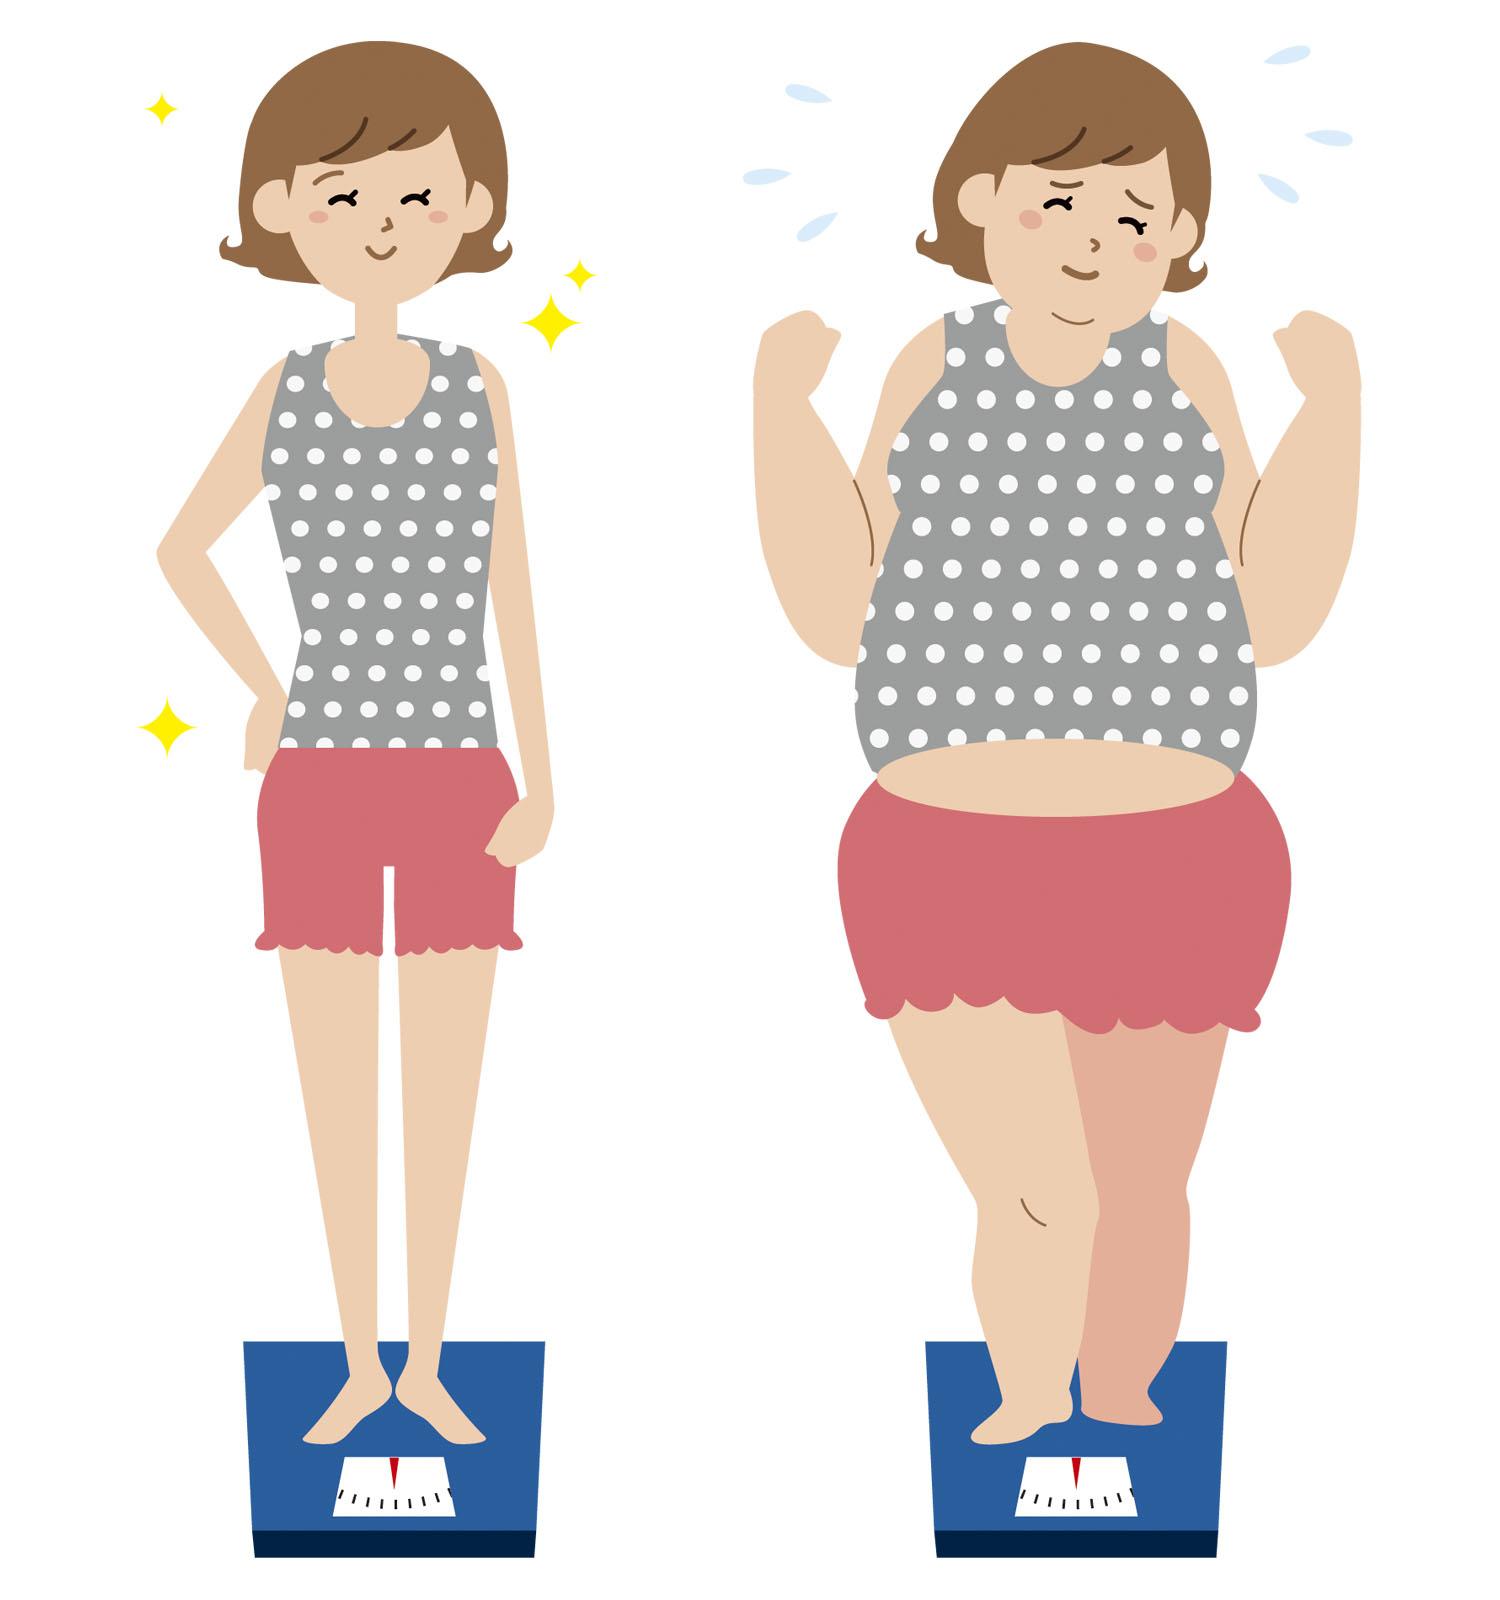 3ヶ月で15kg痩せた「3ステップダイエット」とは